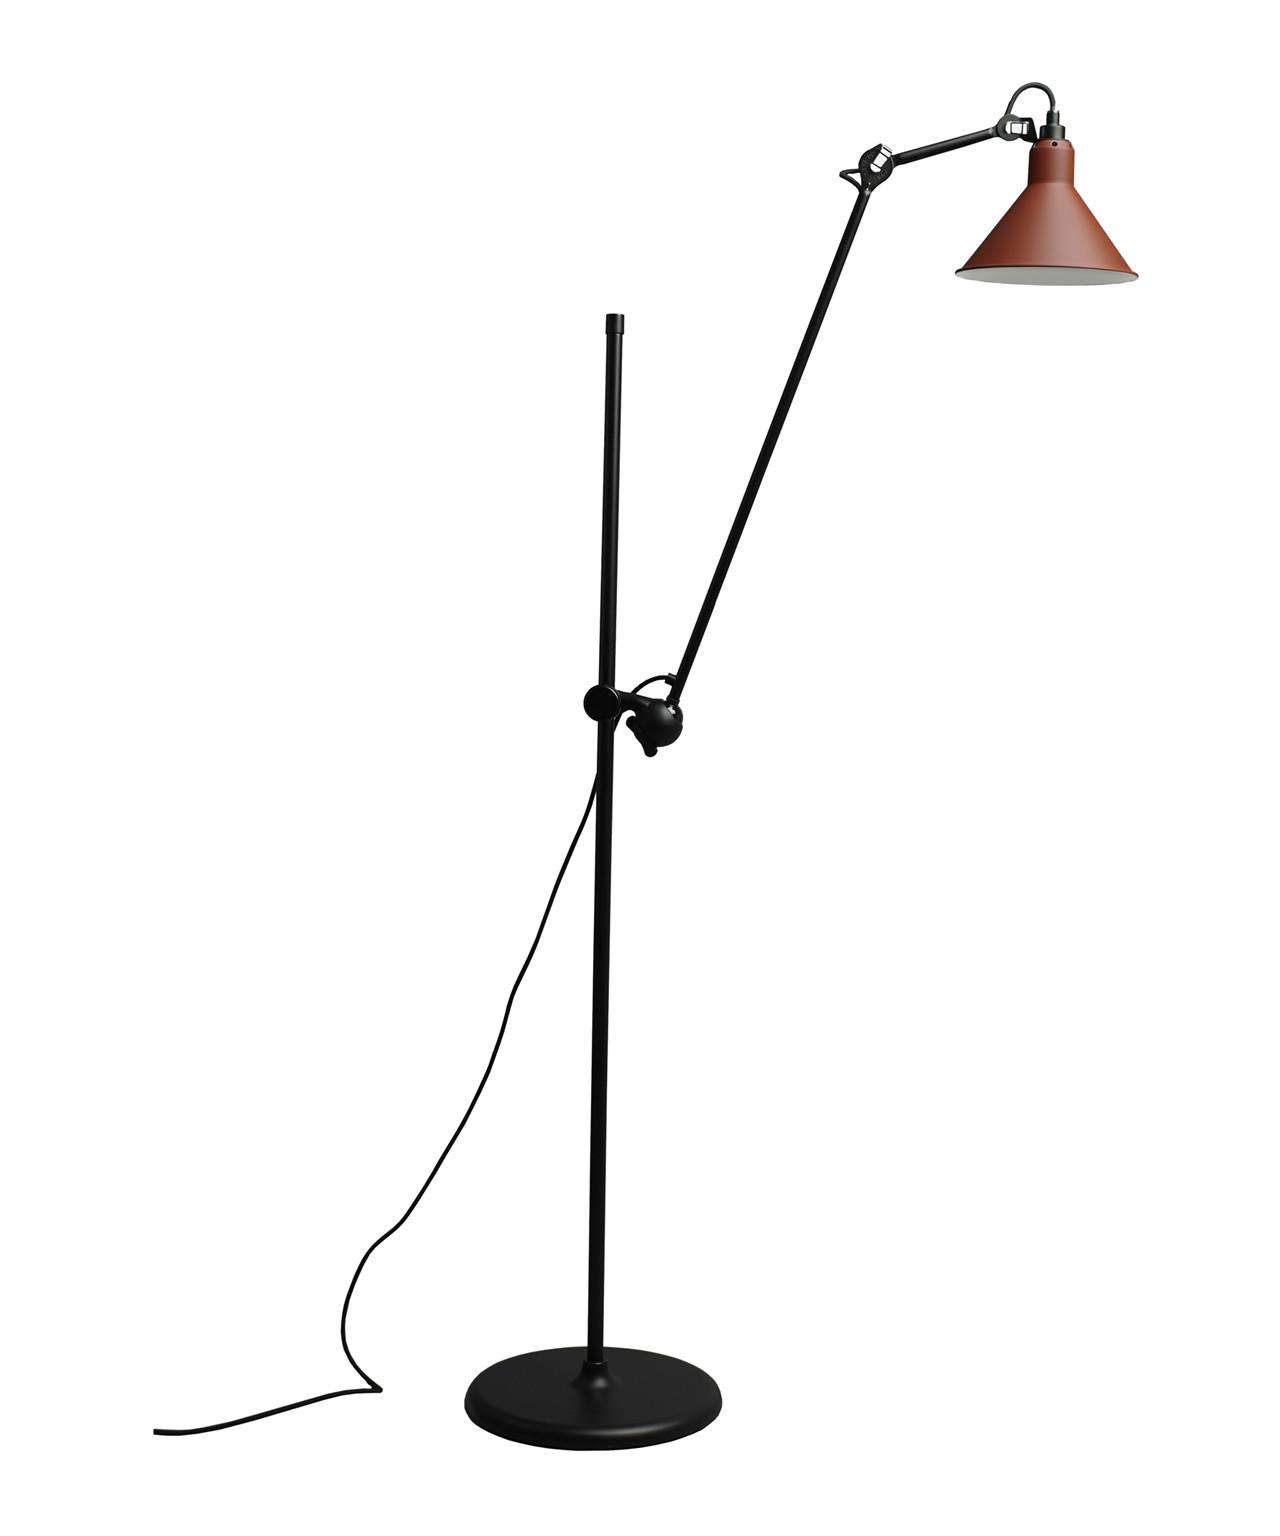 215 Gulvlampe Rød - Lampe Gras